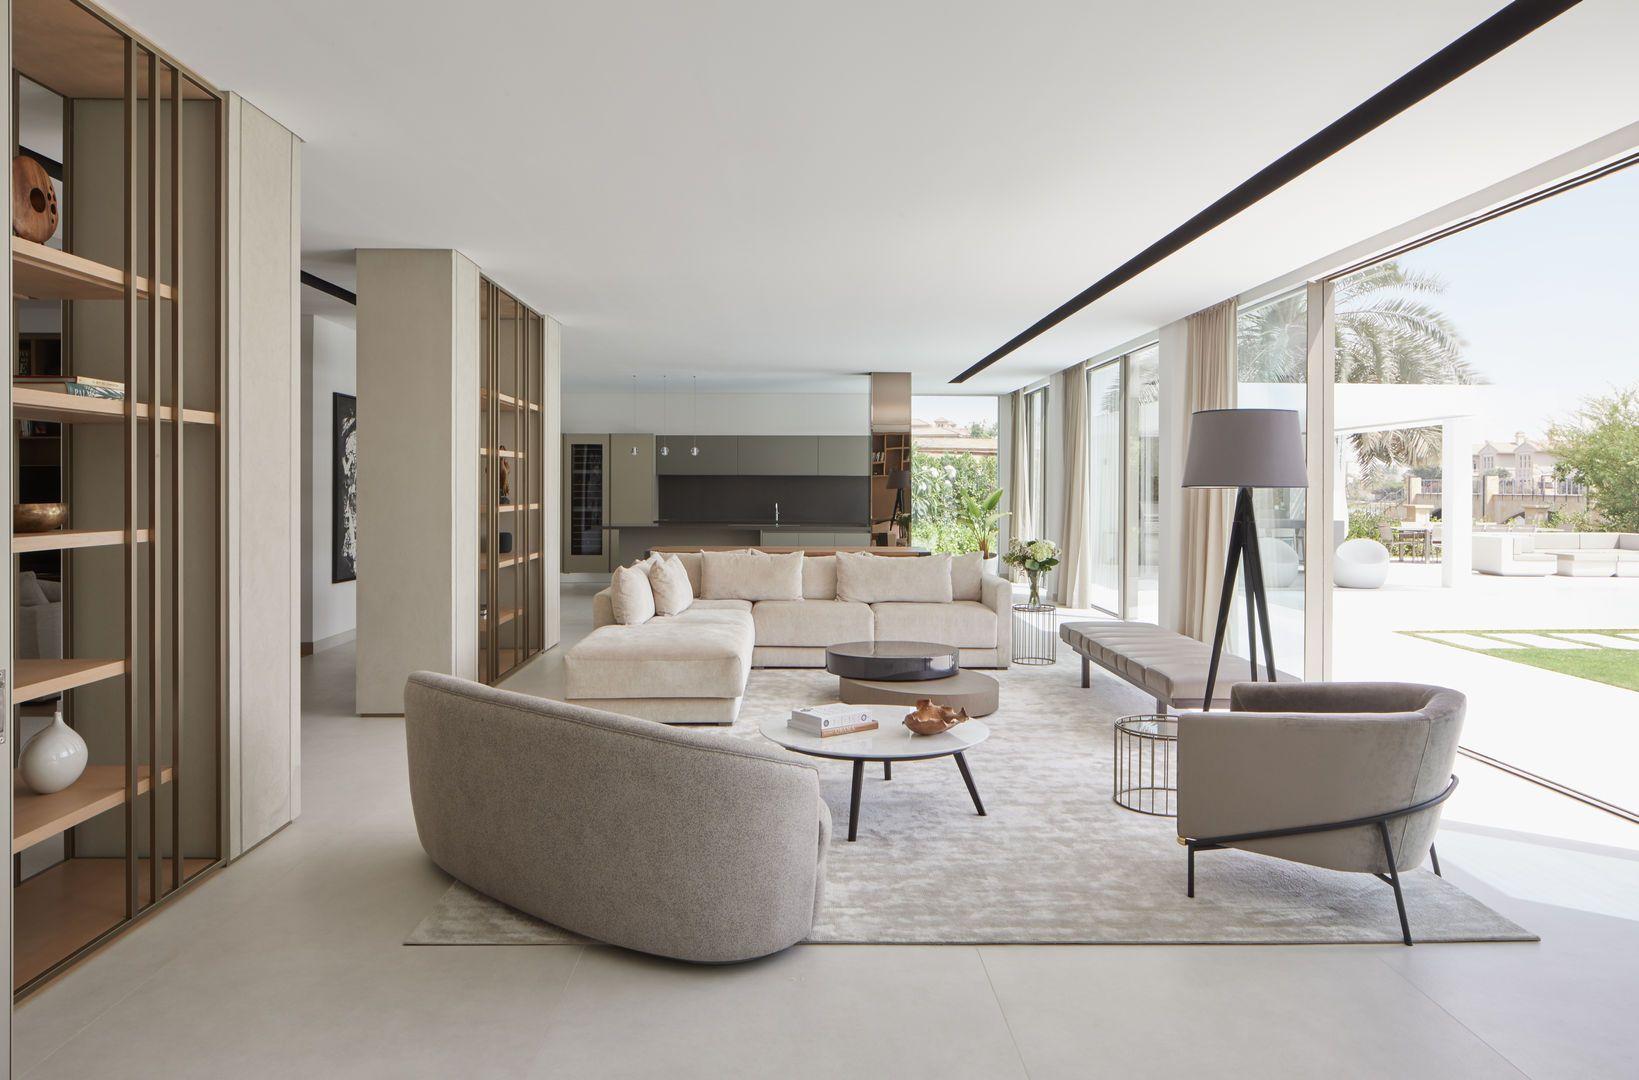 Roar Transforms This Aging Dubai Villa Into A Minimalist Dream